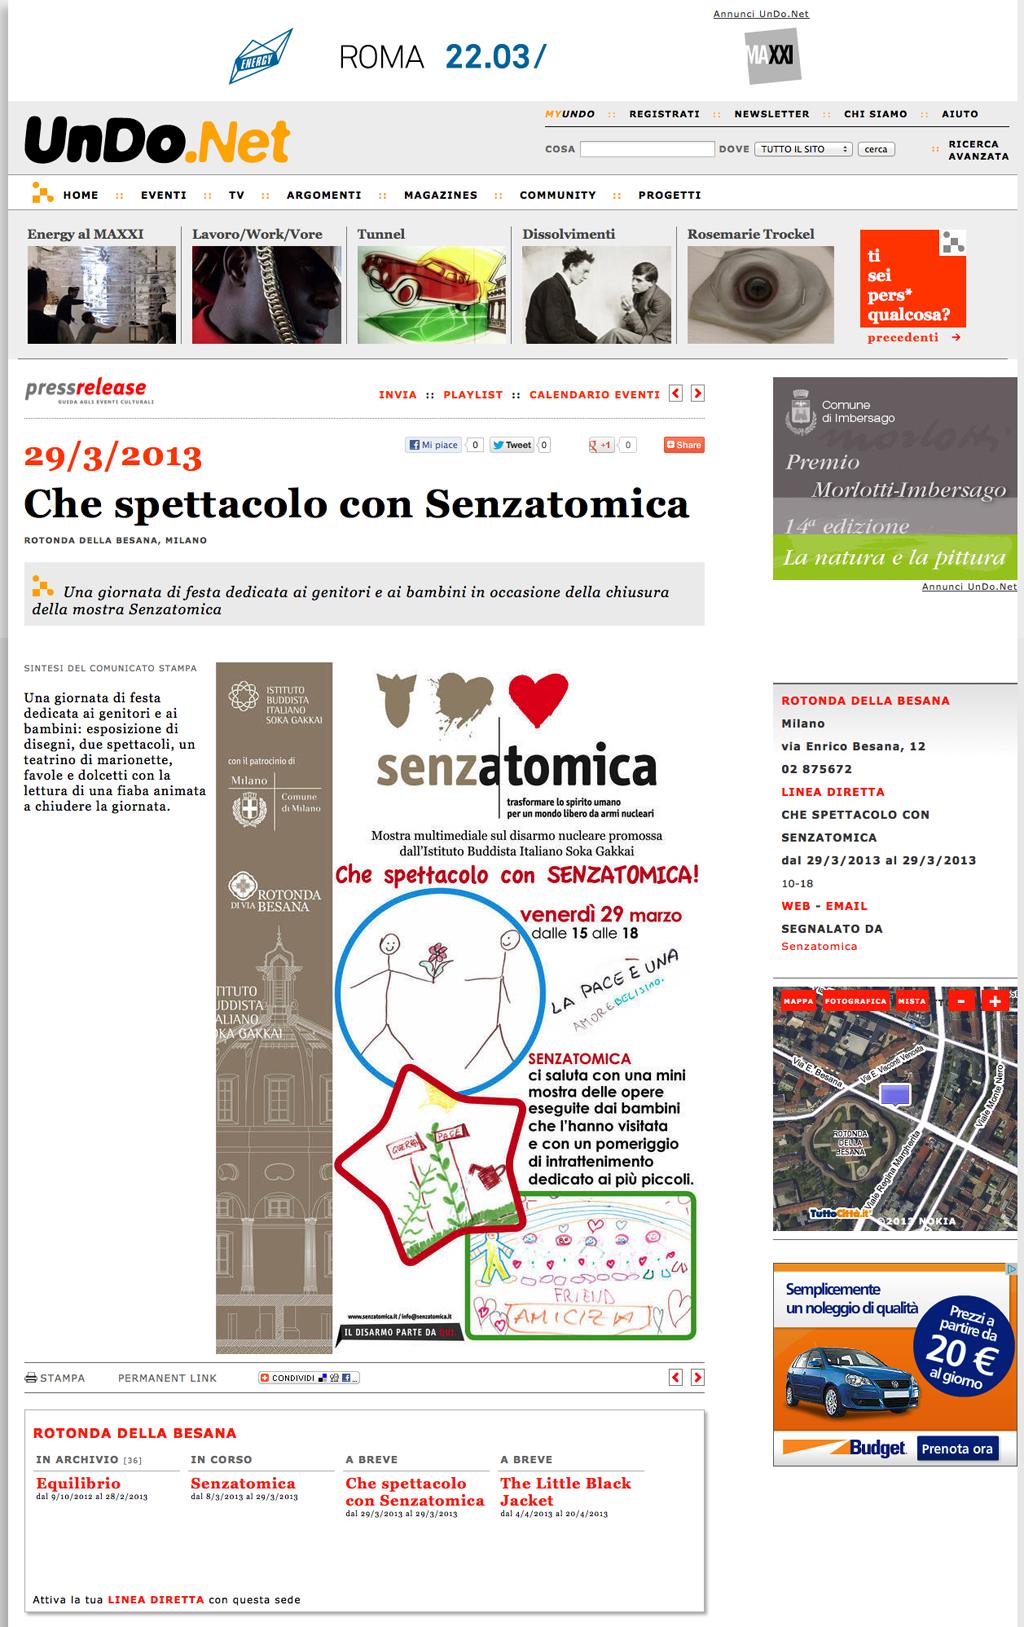 2013-03-28 Undo.Net | Che Spettacolo con Senzatomica